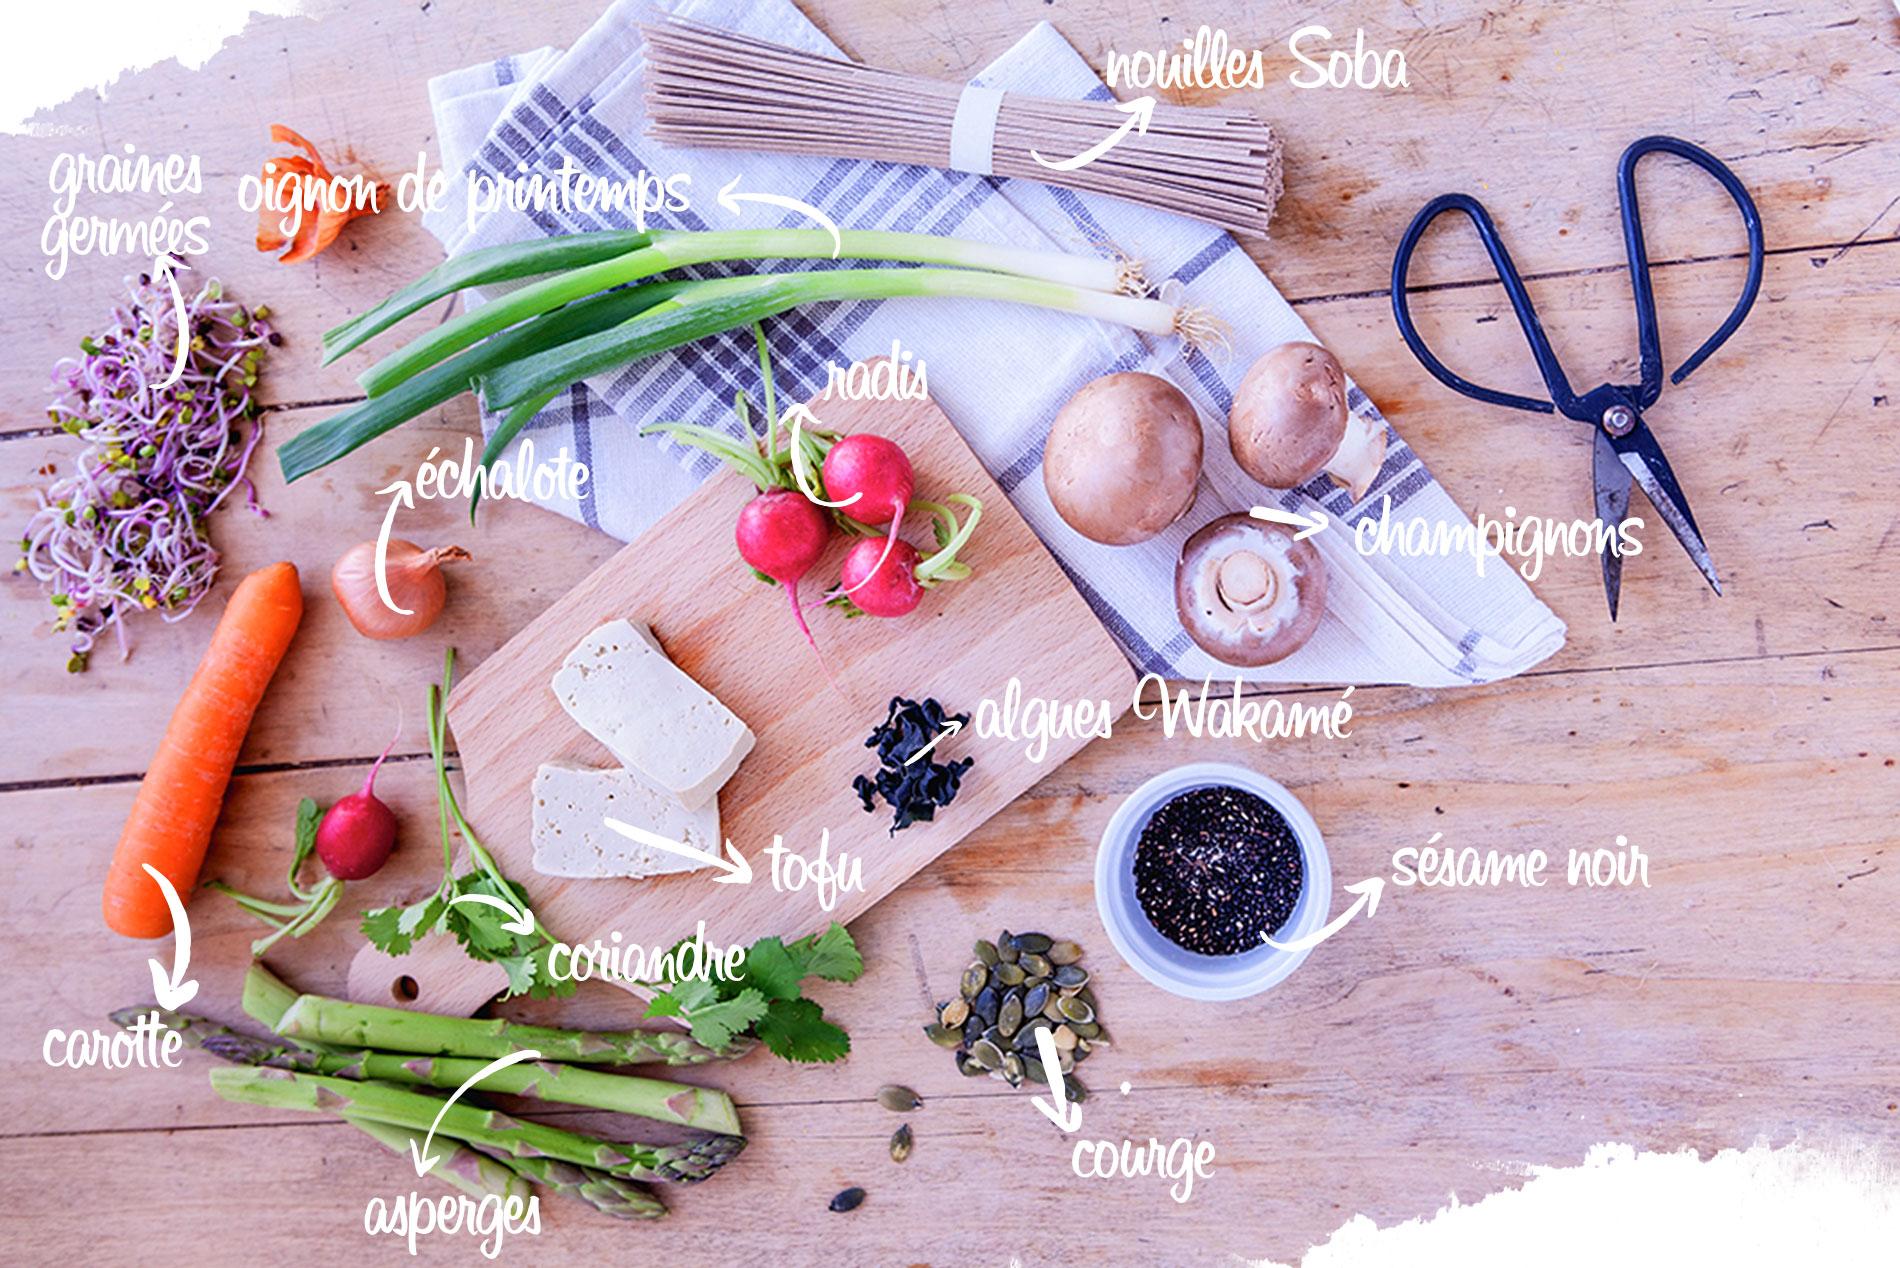 nouilles soba vegan de malak, recette vegan, recette japonaise, ingrédients